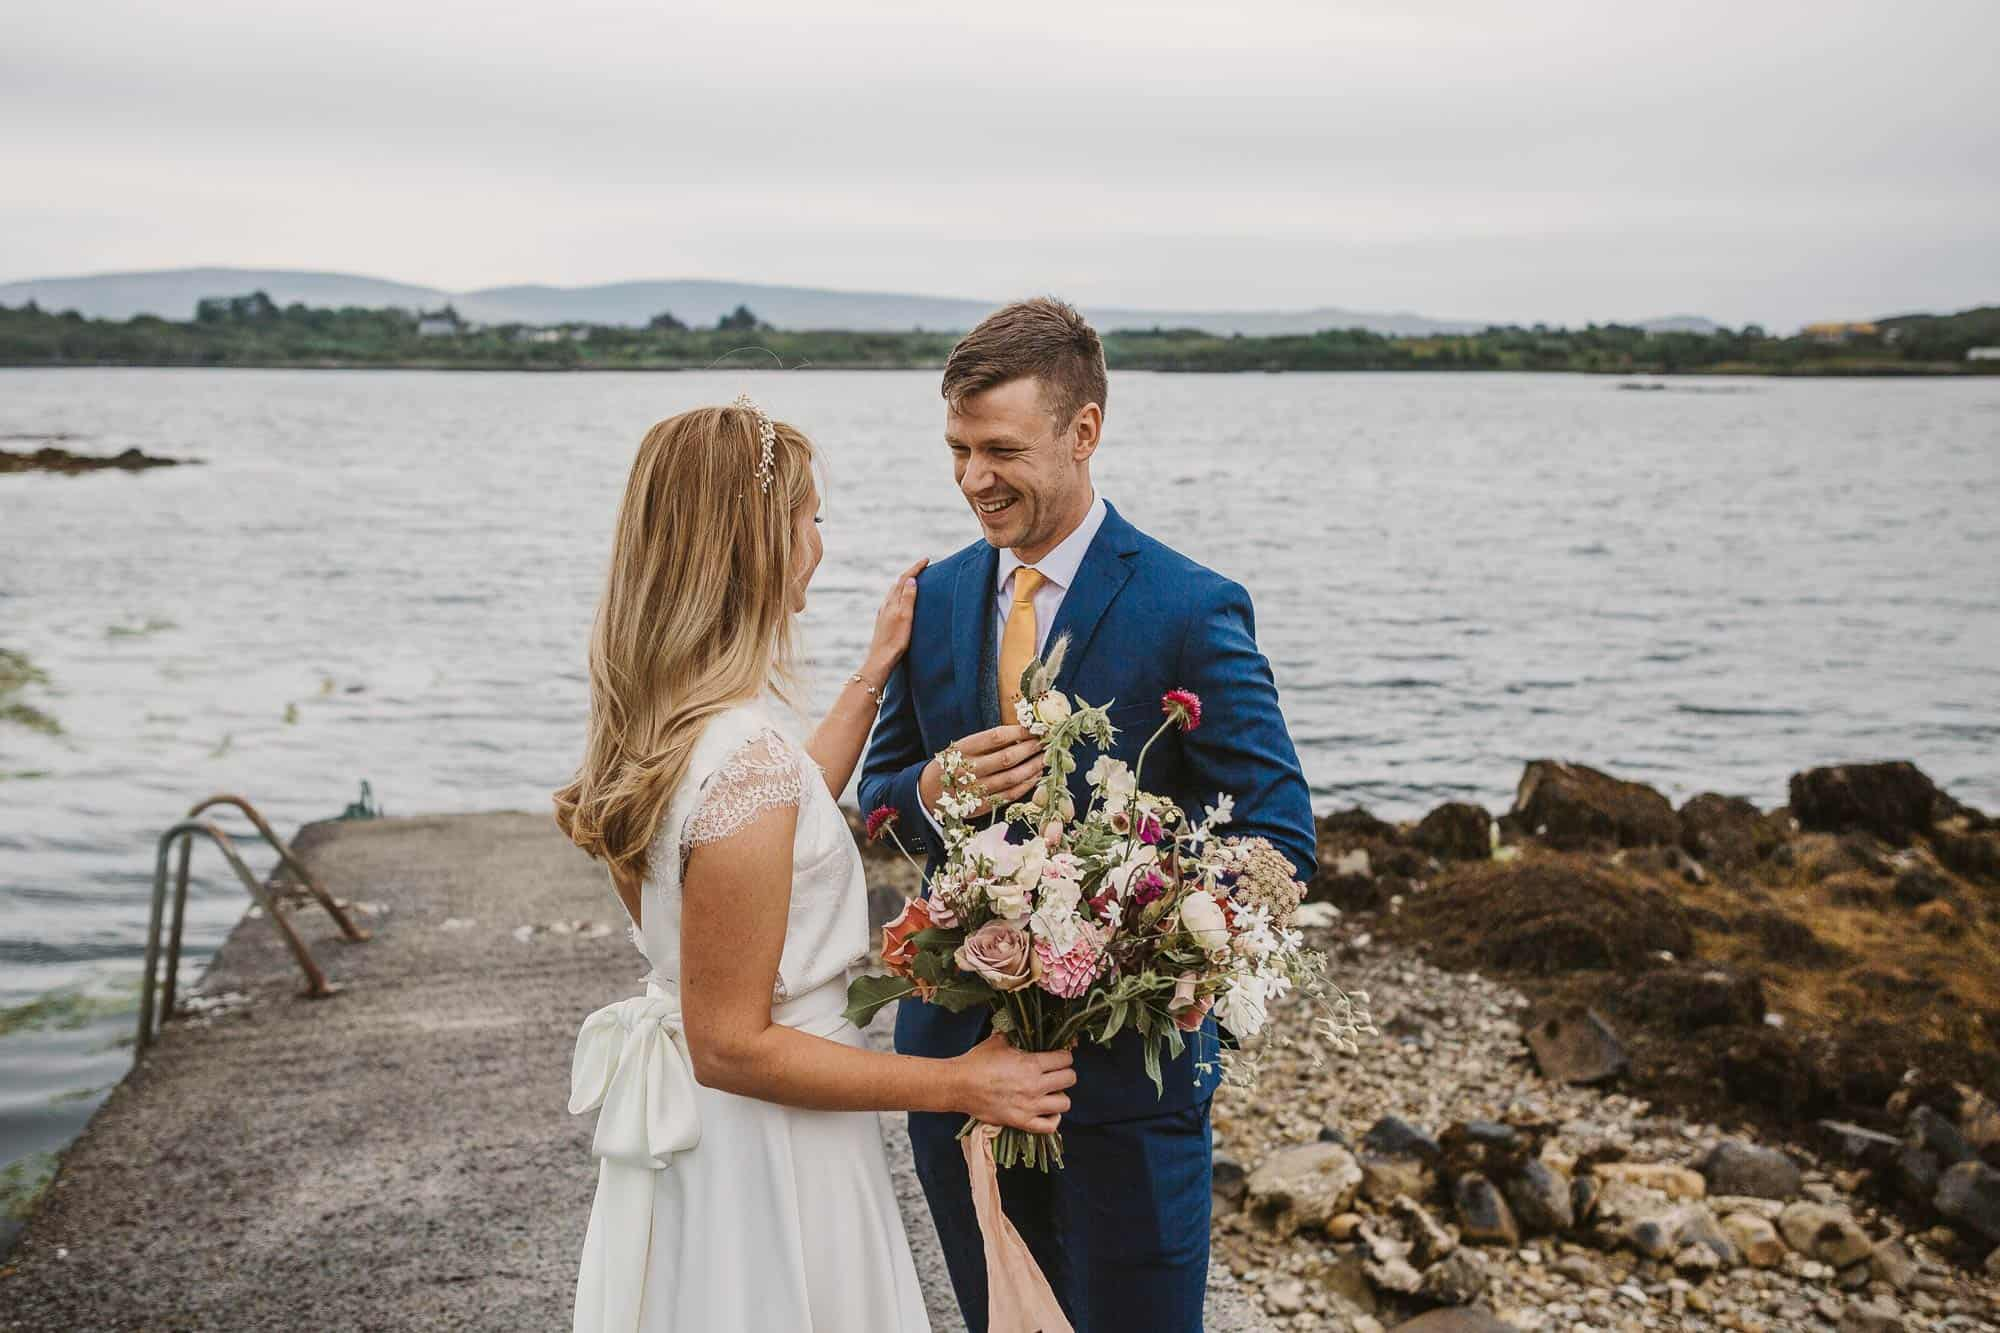 Elopement Ireland Connemara Ireland Wildflower Bouquet, couple on the pier